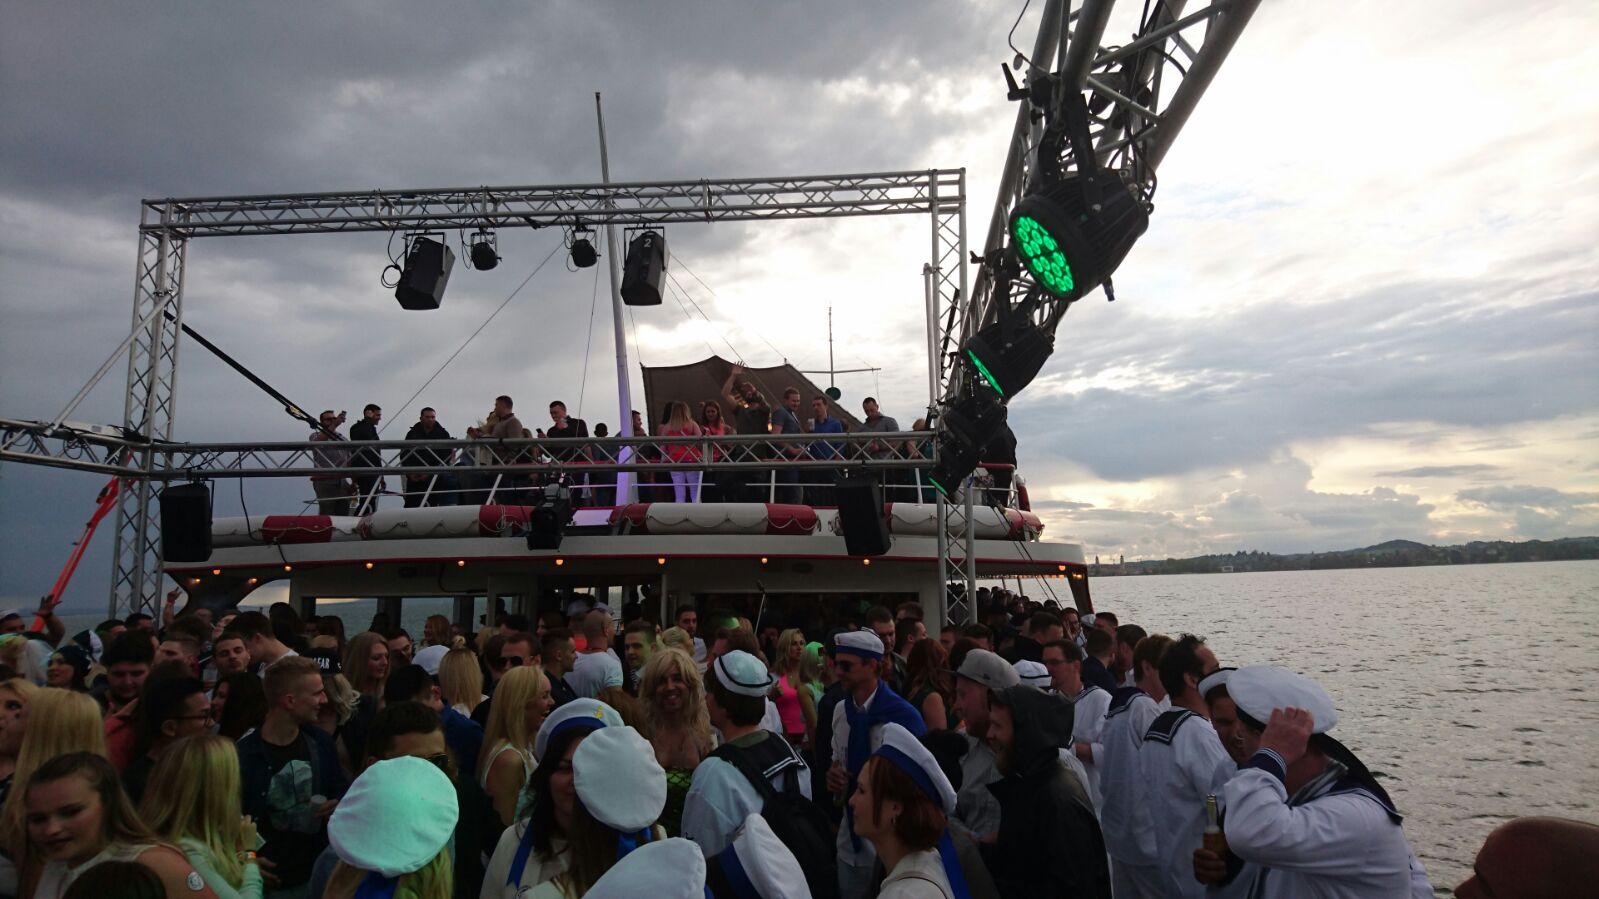 Veranstaltungstechnik Partyboot